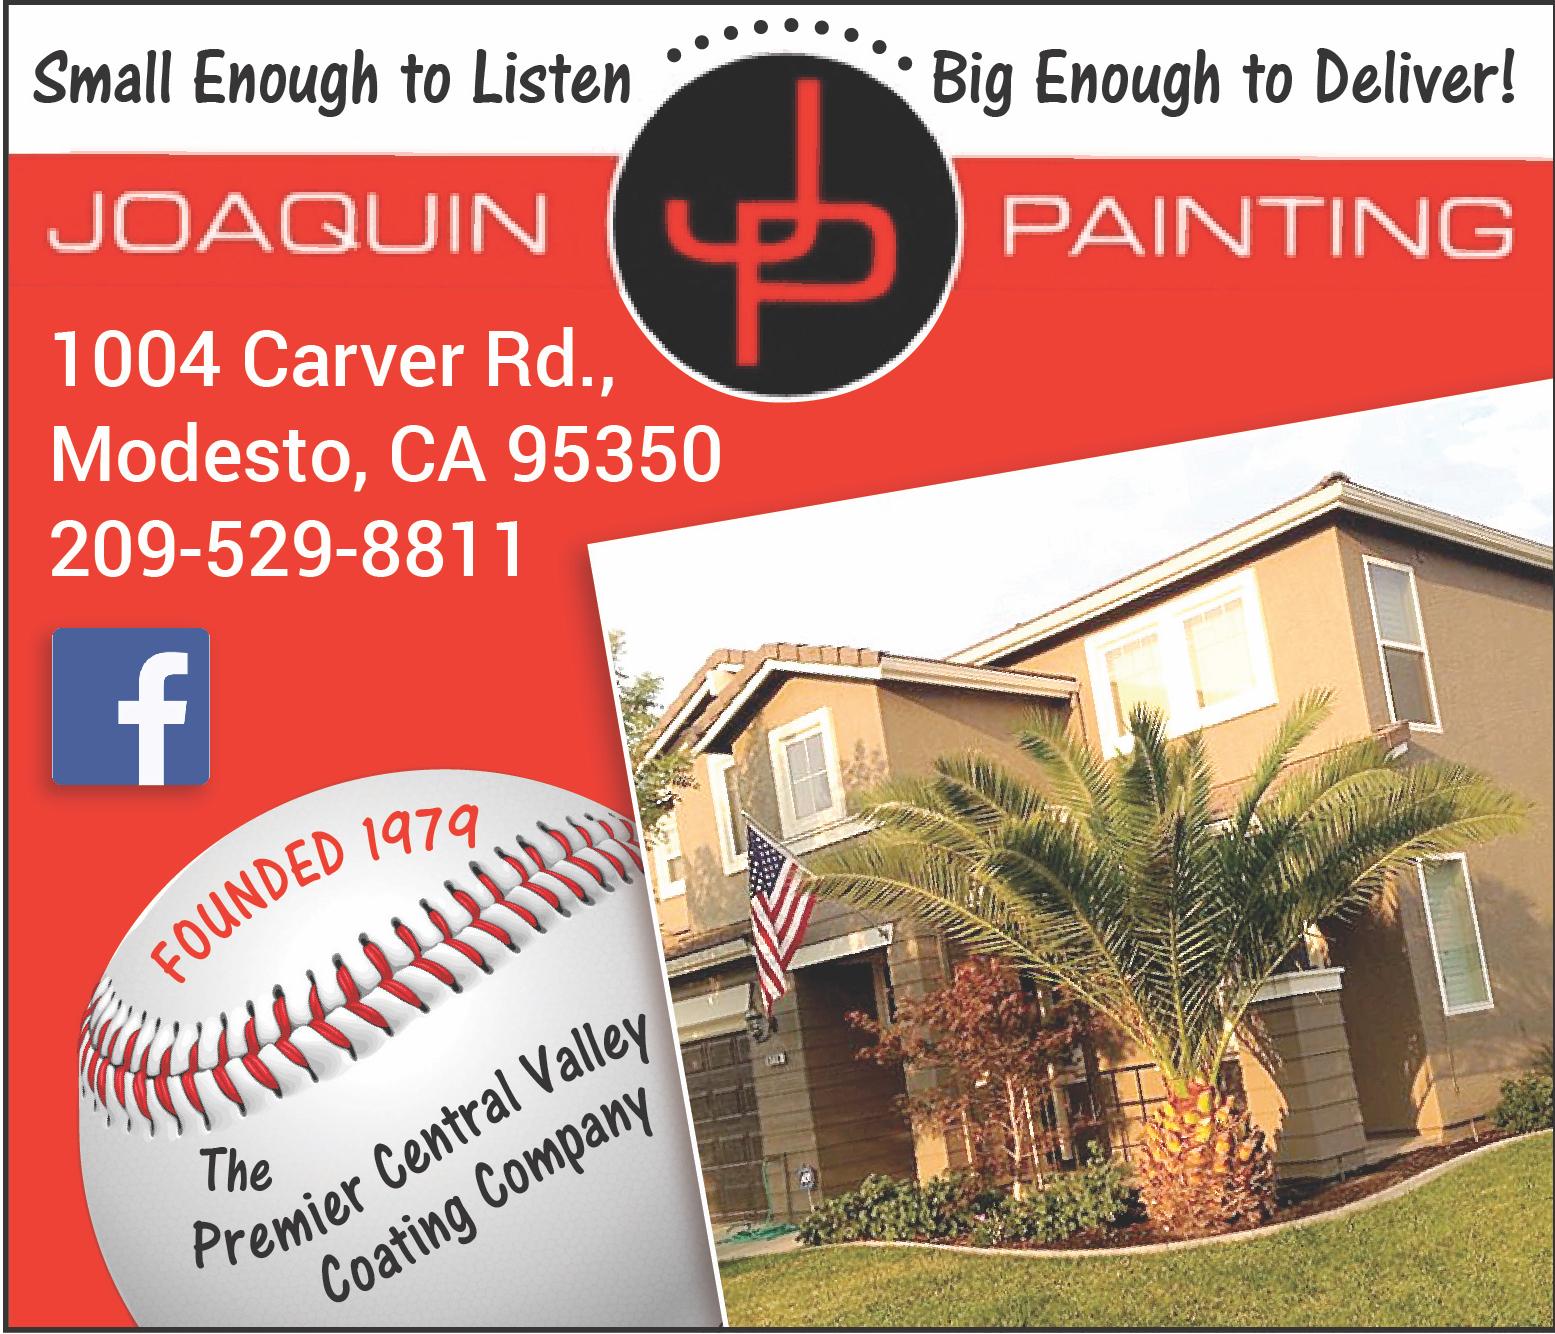 Joaquin Painting - sidebar